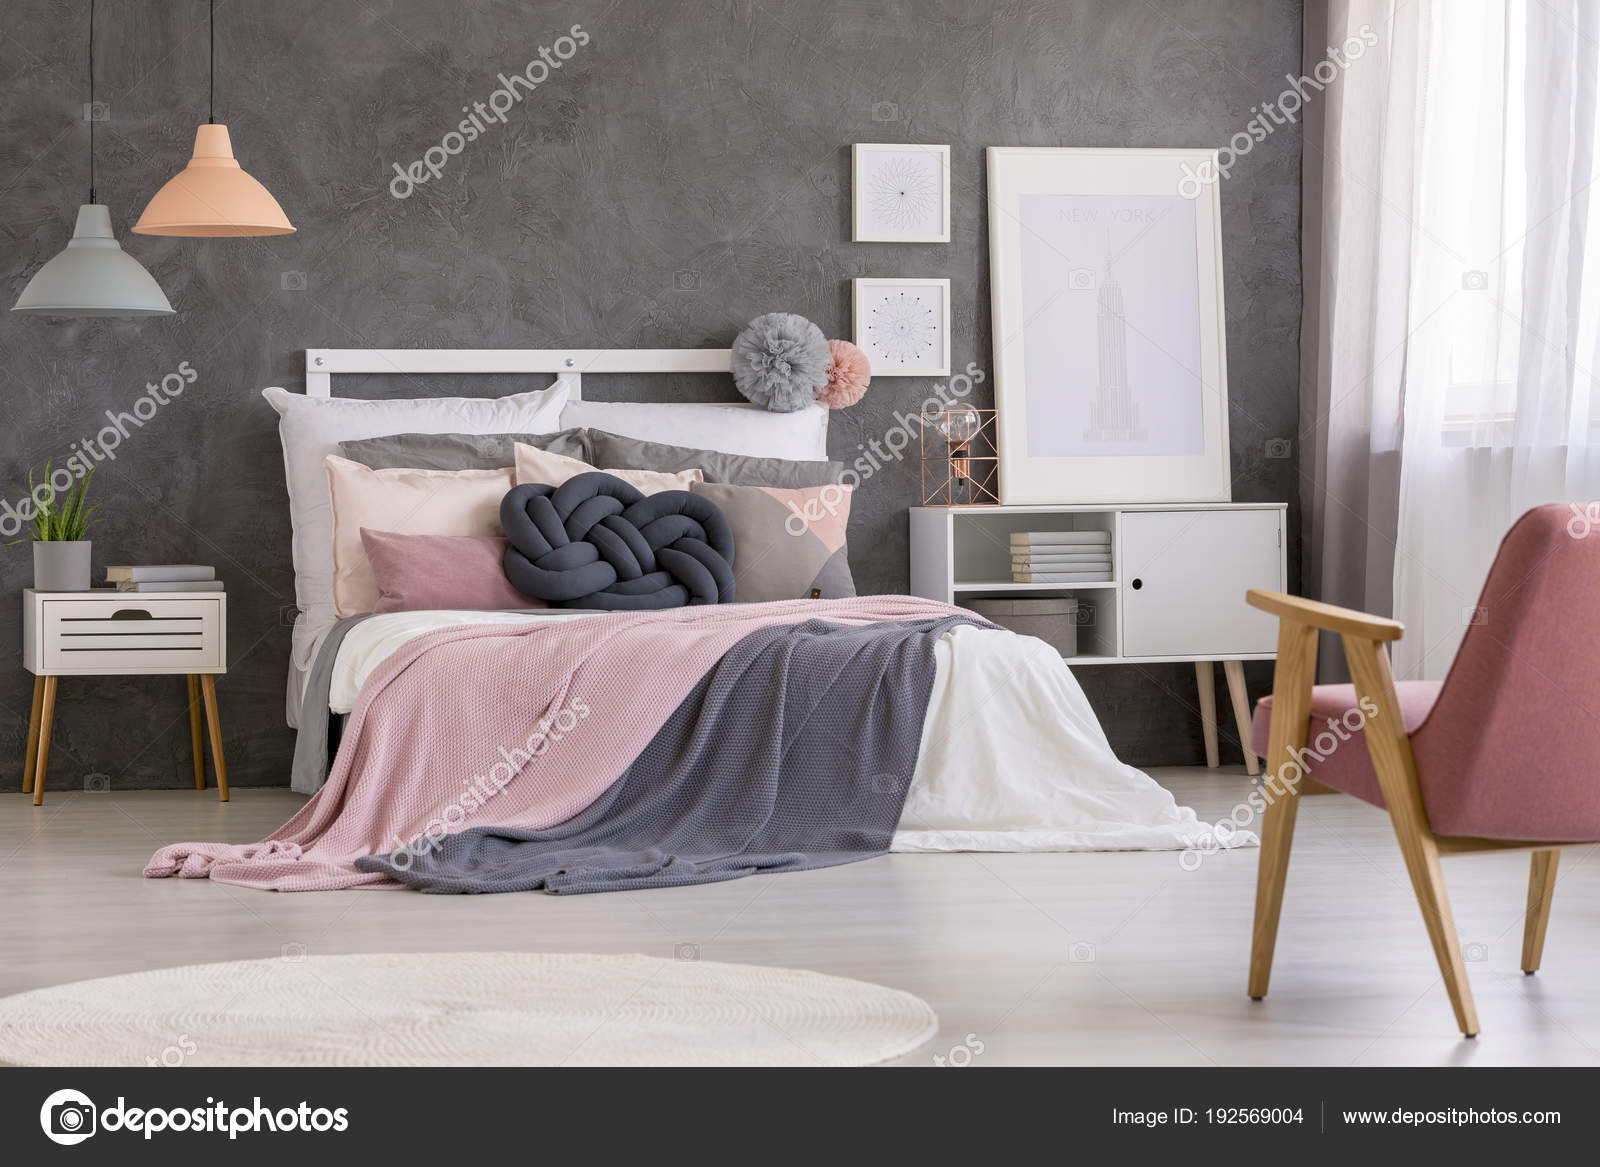 Gemütliches Bett In Pastell Schlafzimmer Stockfoto Photographee